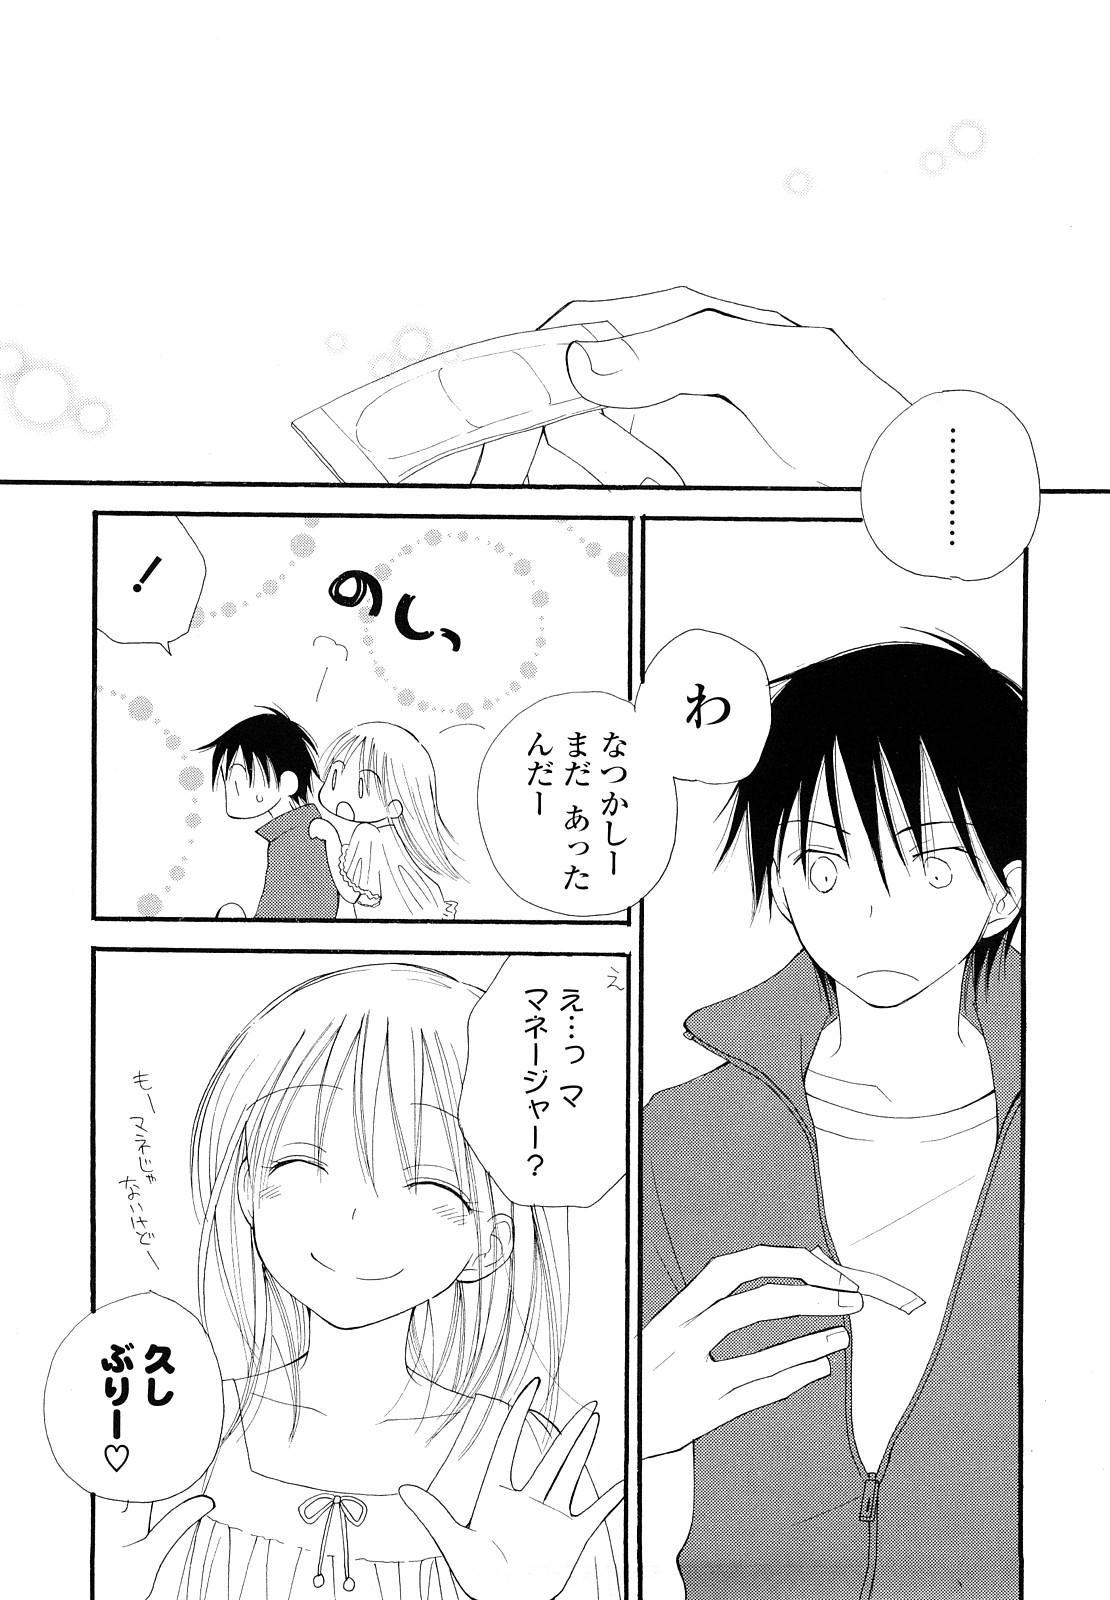 Houkago Nyan Nyan 160